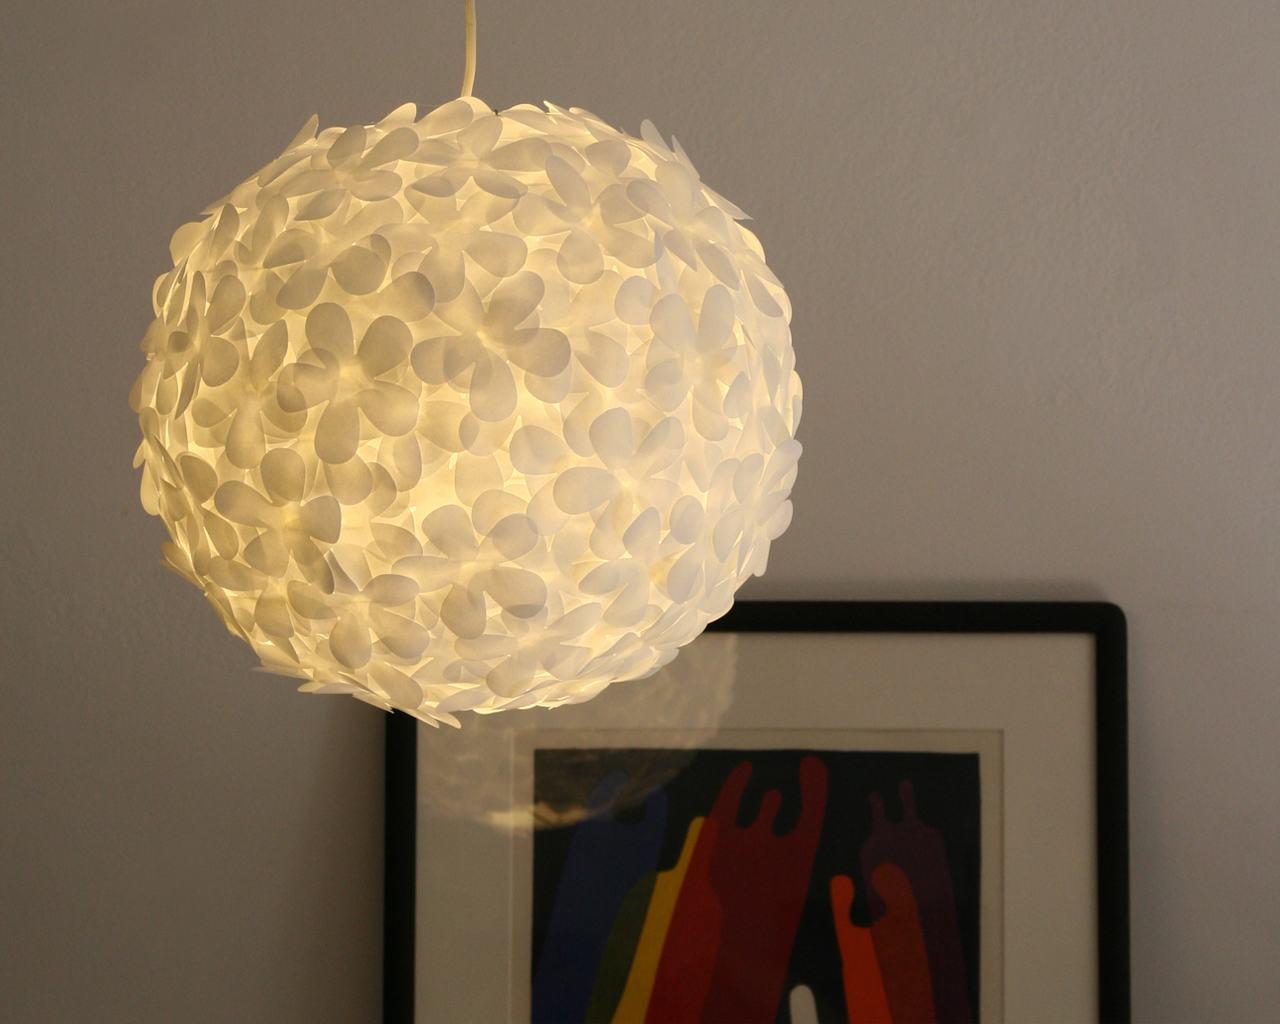 luminaria de papel